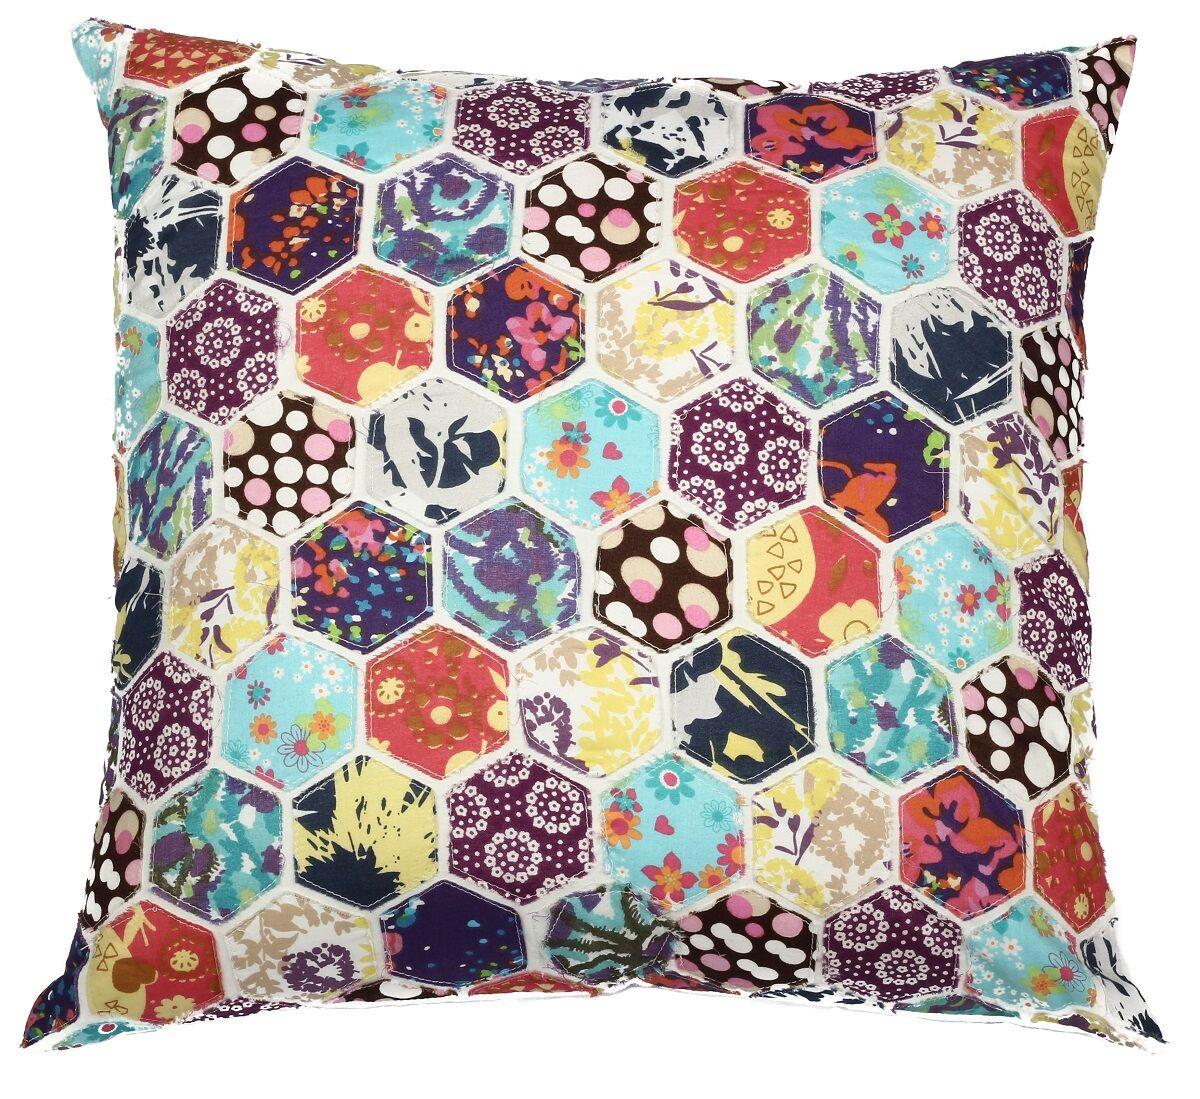 Potpourri Hexagon Patchwork Cotton Throw Pillow